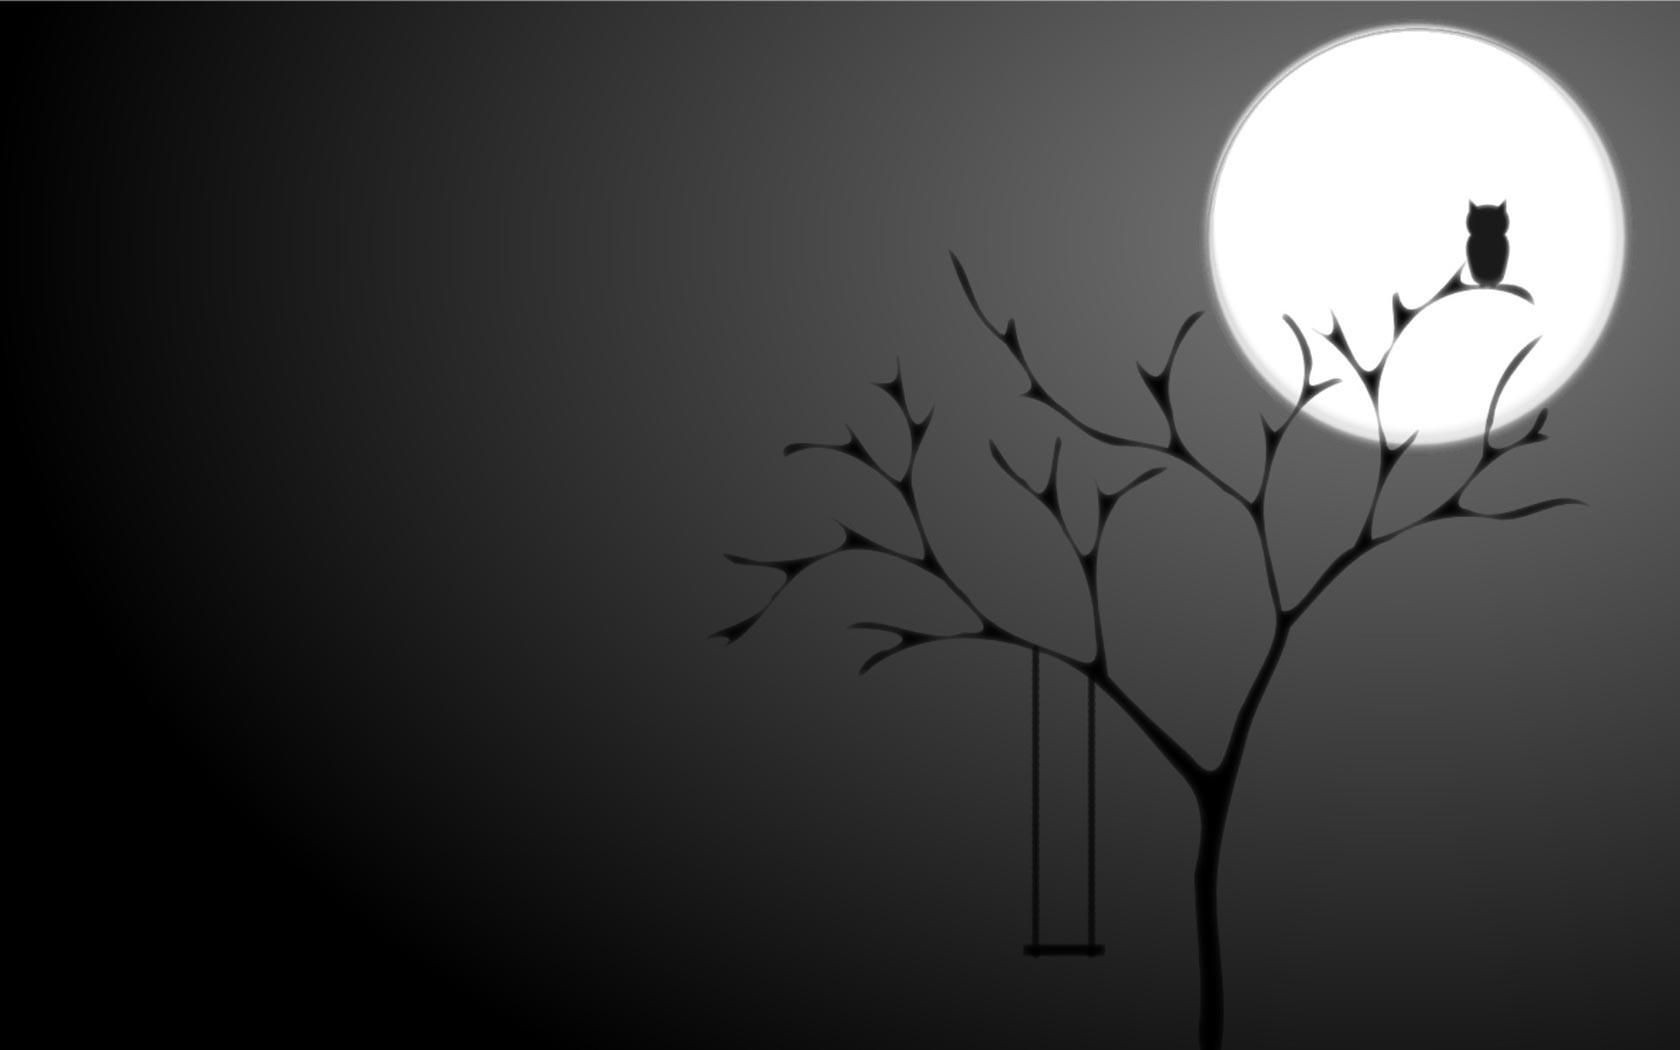 Fondos de pantalla ilustraci n monocromo sombra for Papel pintado blanco y negro